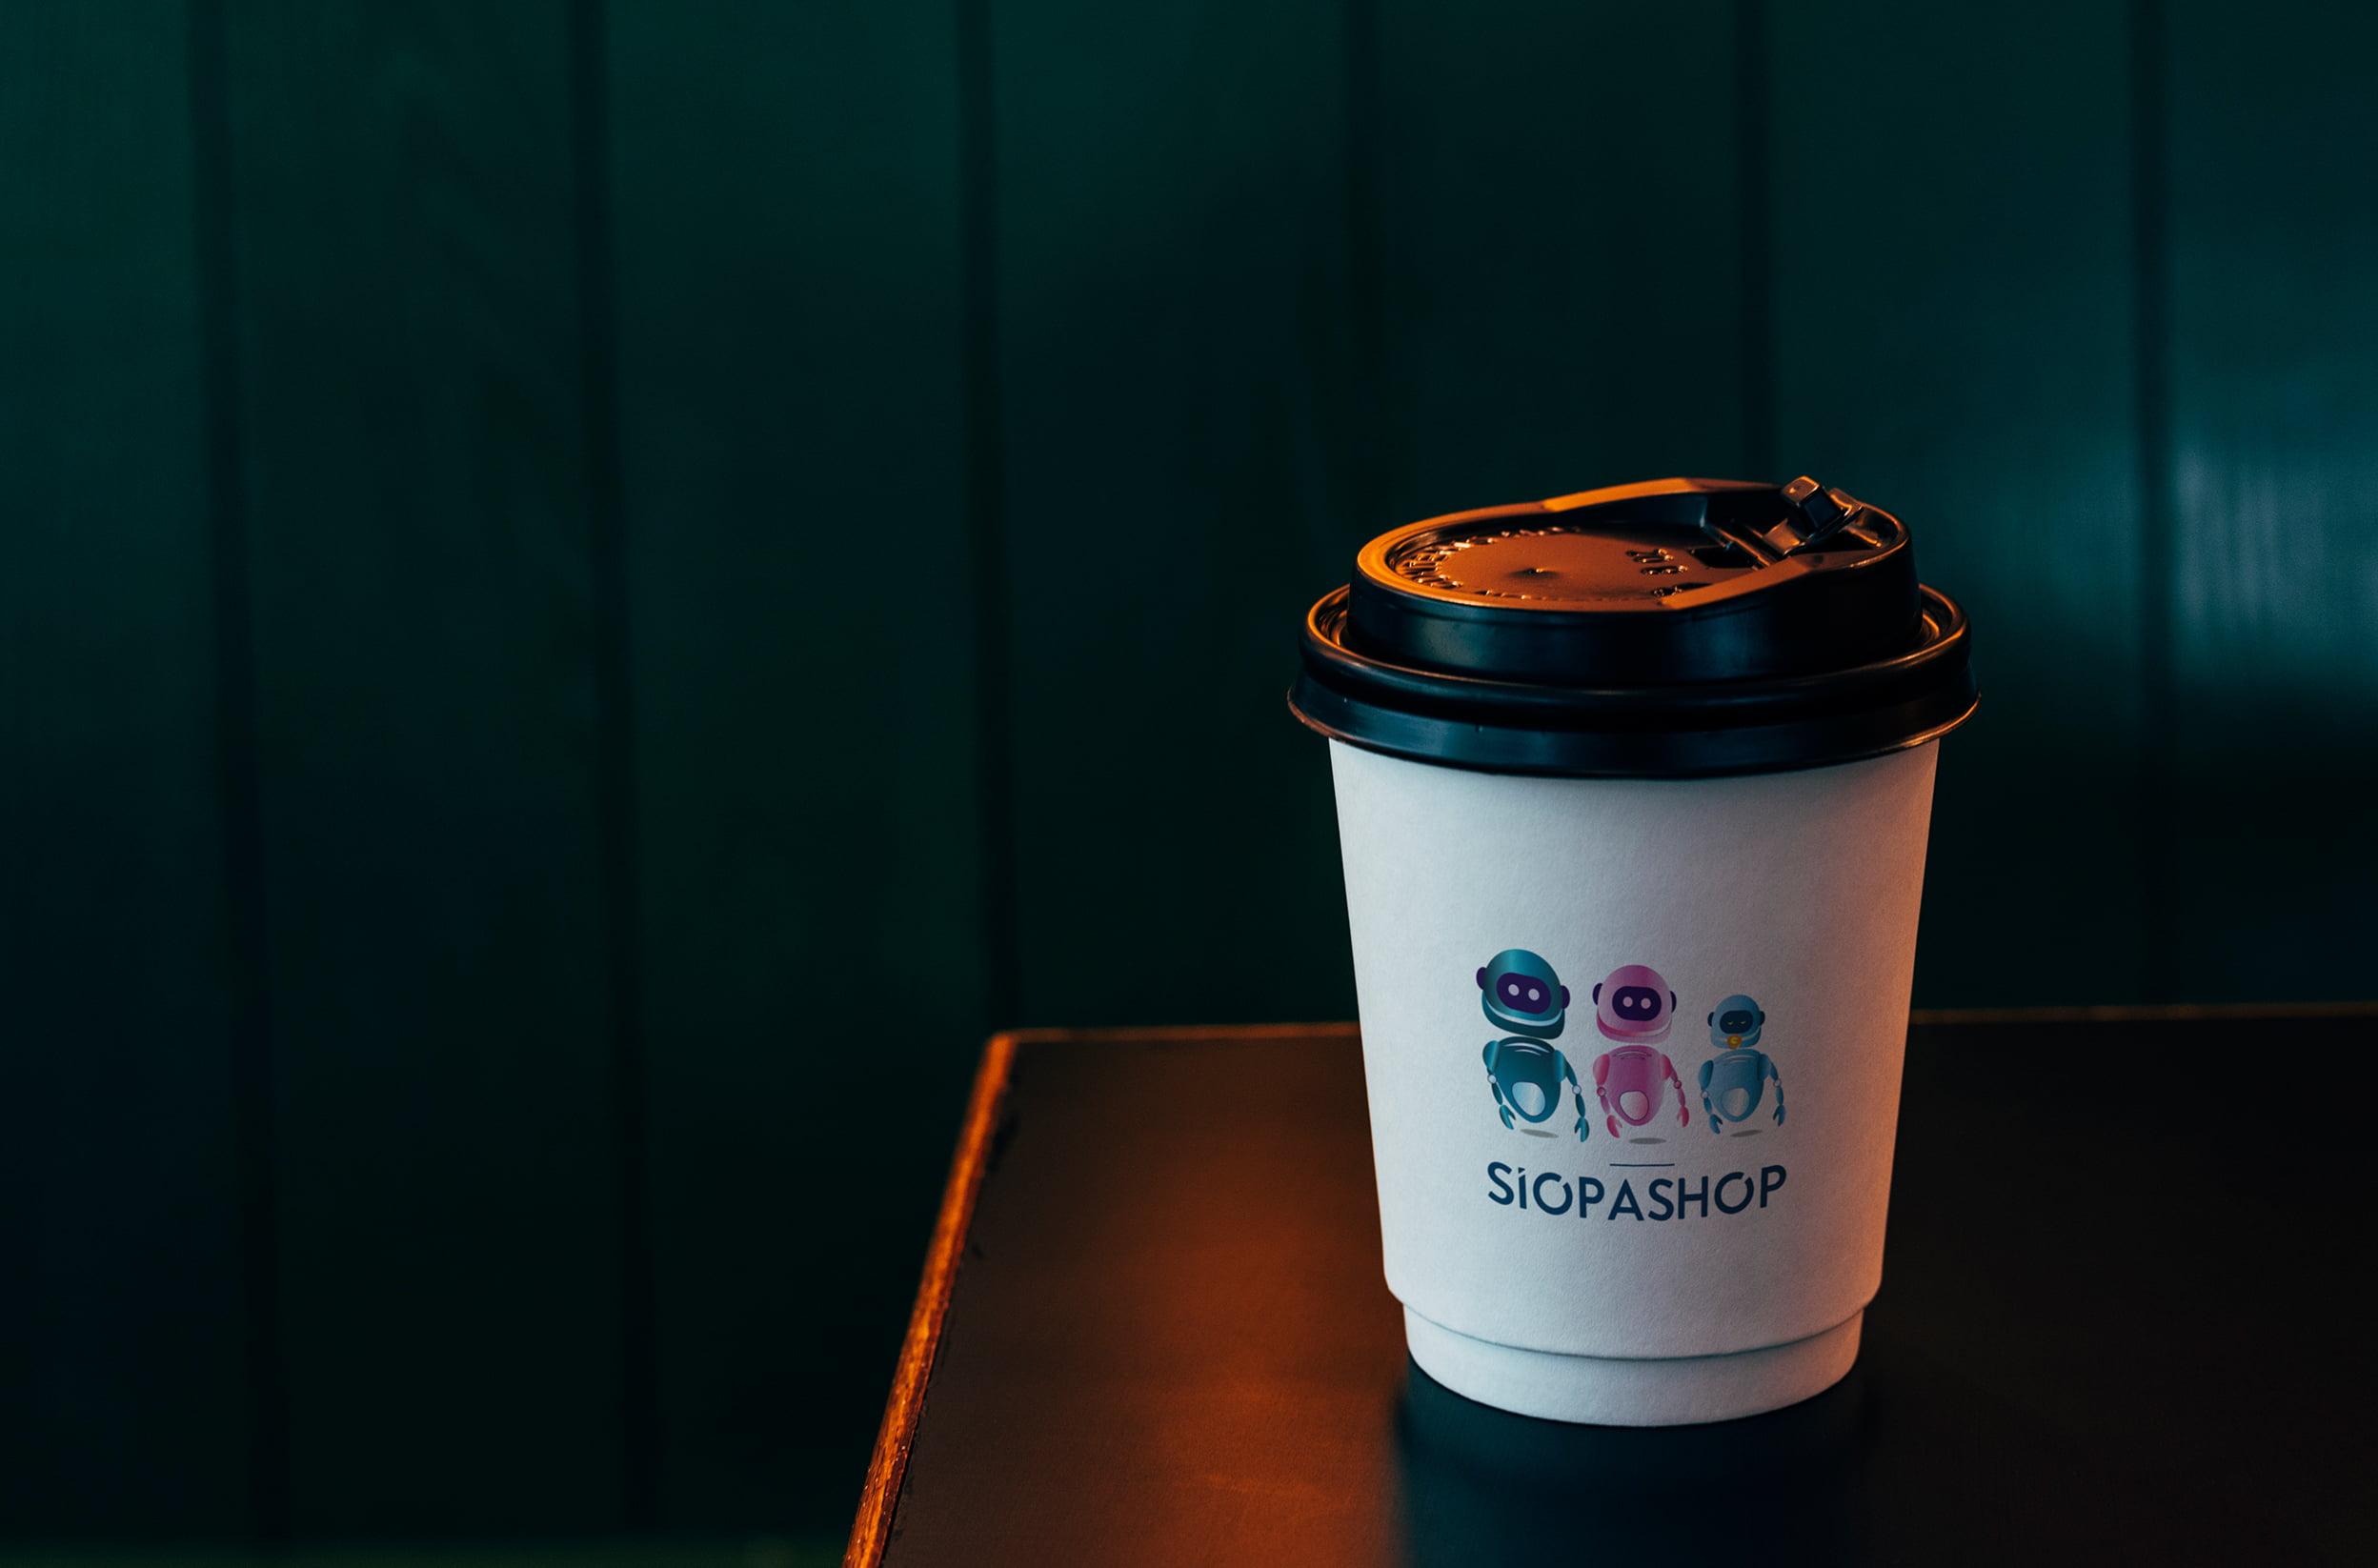 siopashop-5